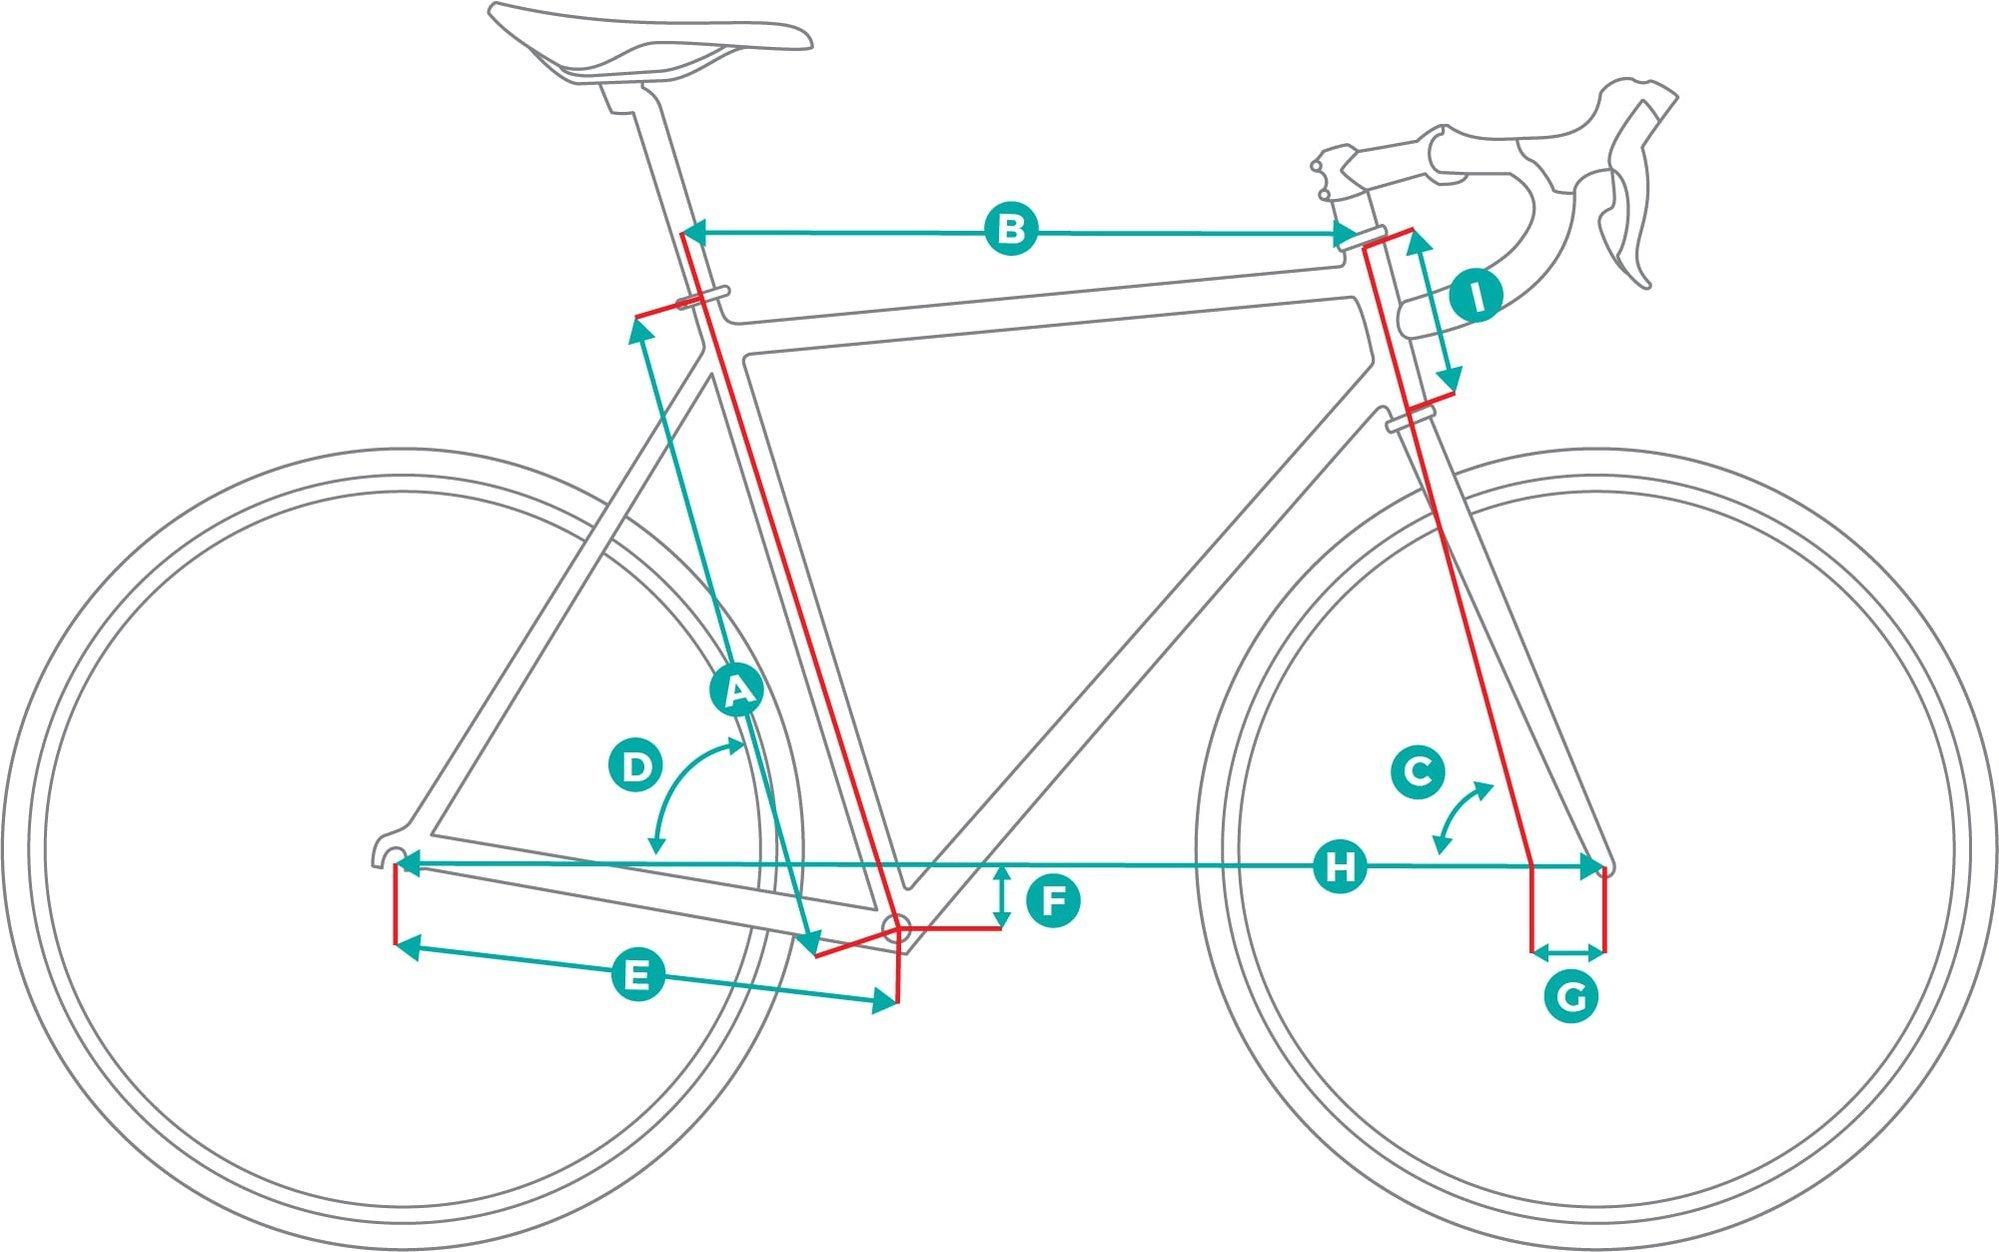 adventure-gravel-bike-geometry-2000x-73816286-e8c8-4c63-9c51-b2cea204da95-2000x.jpg